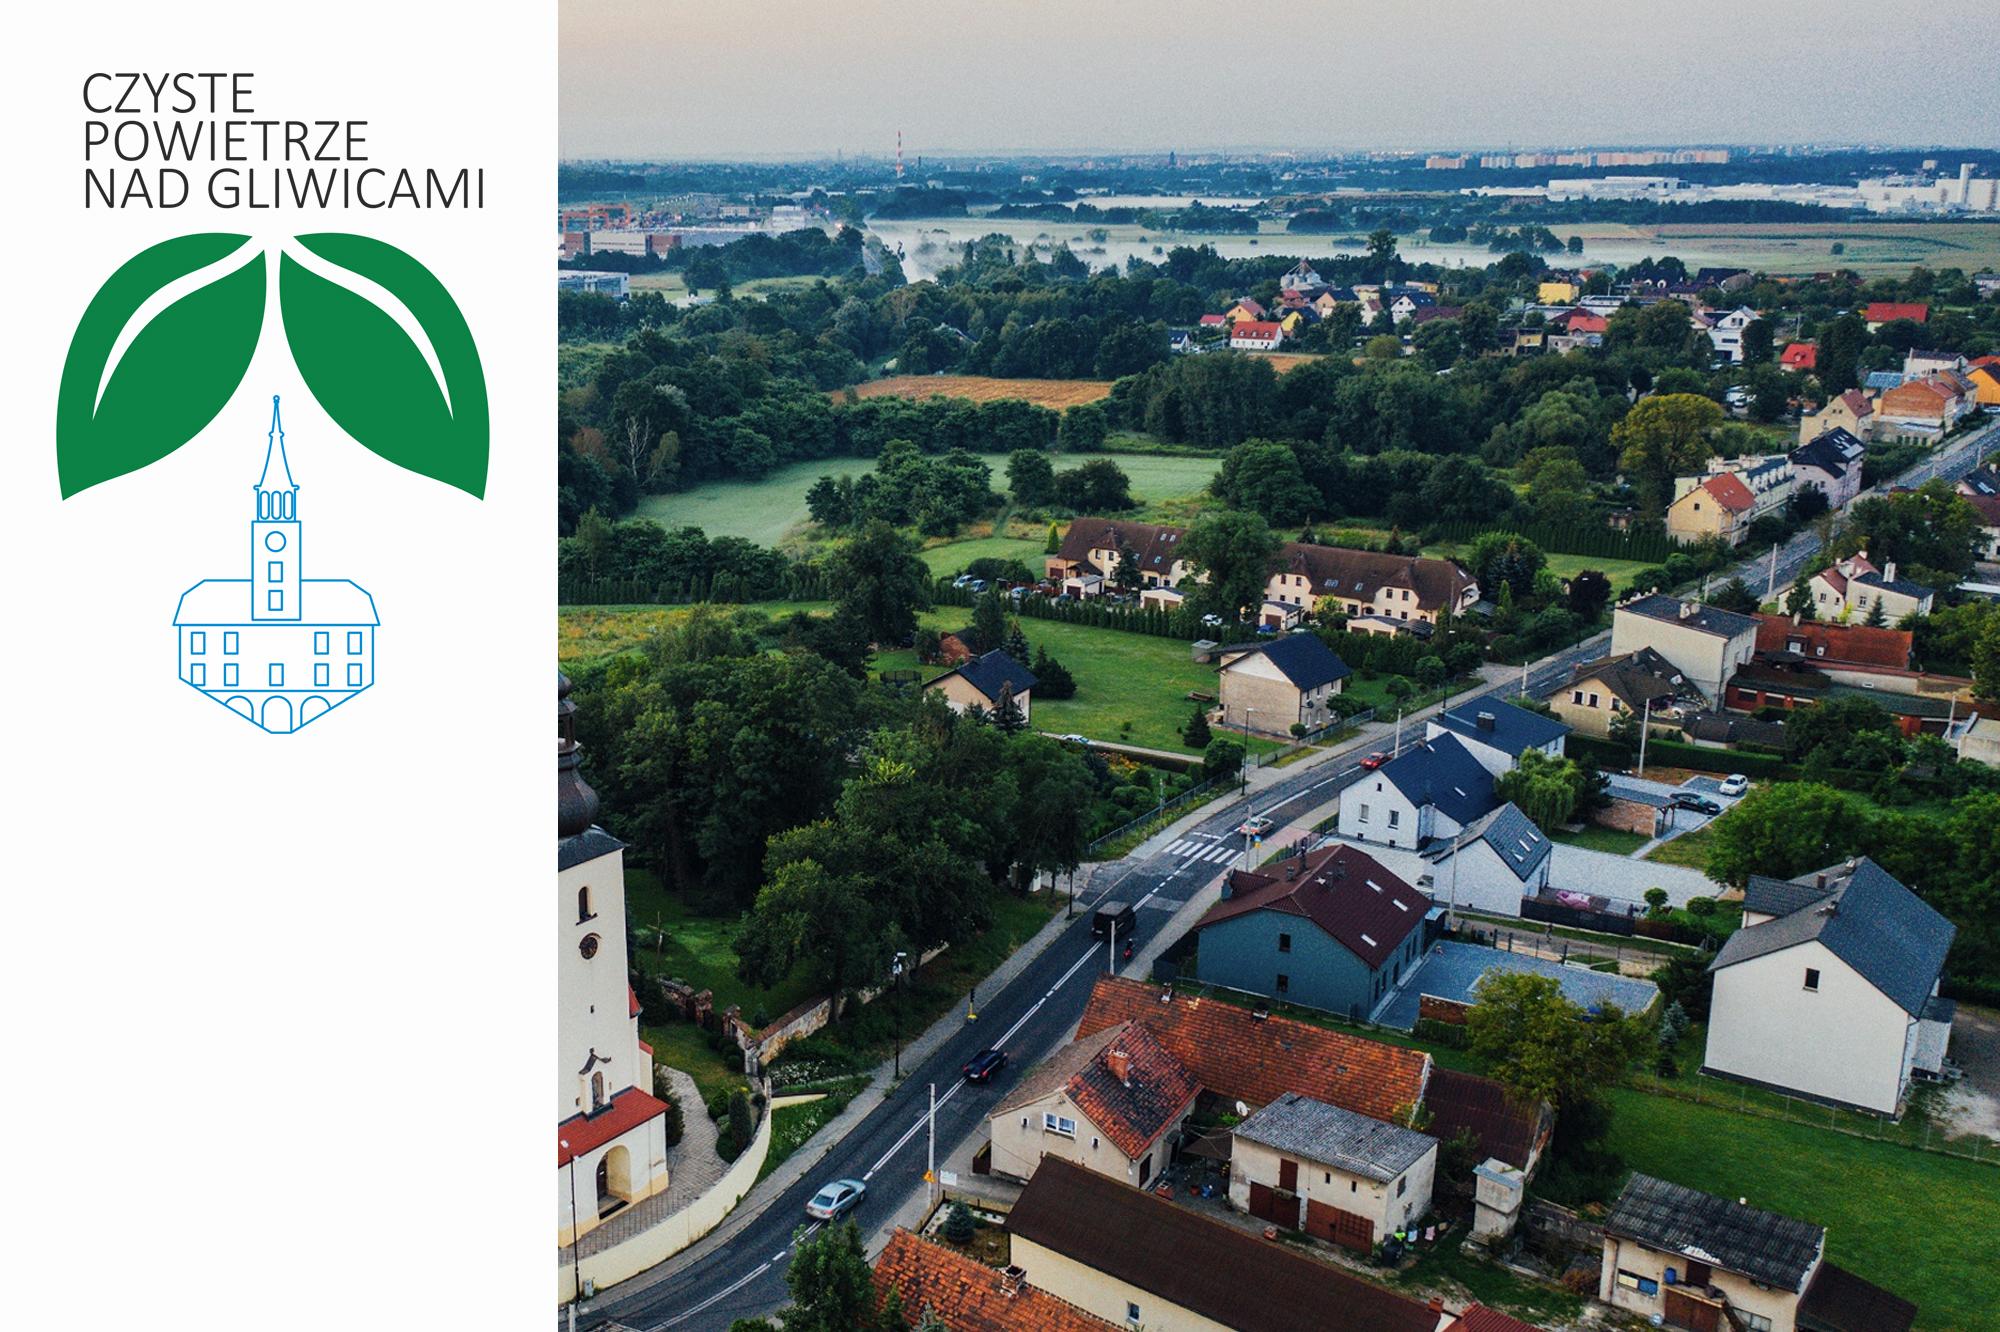 panorama Łabęd z logiem programu Czyste powietrze nad Gliwicami